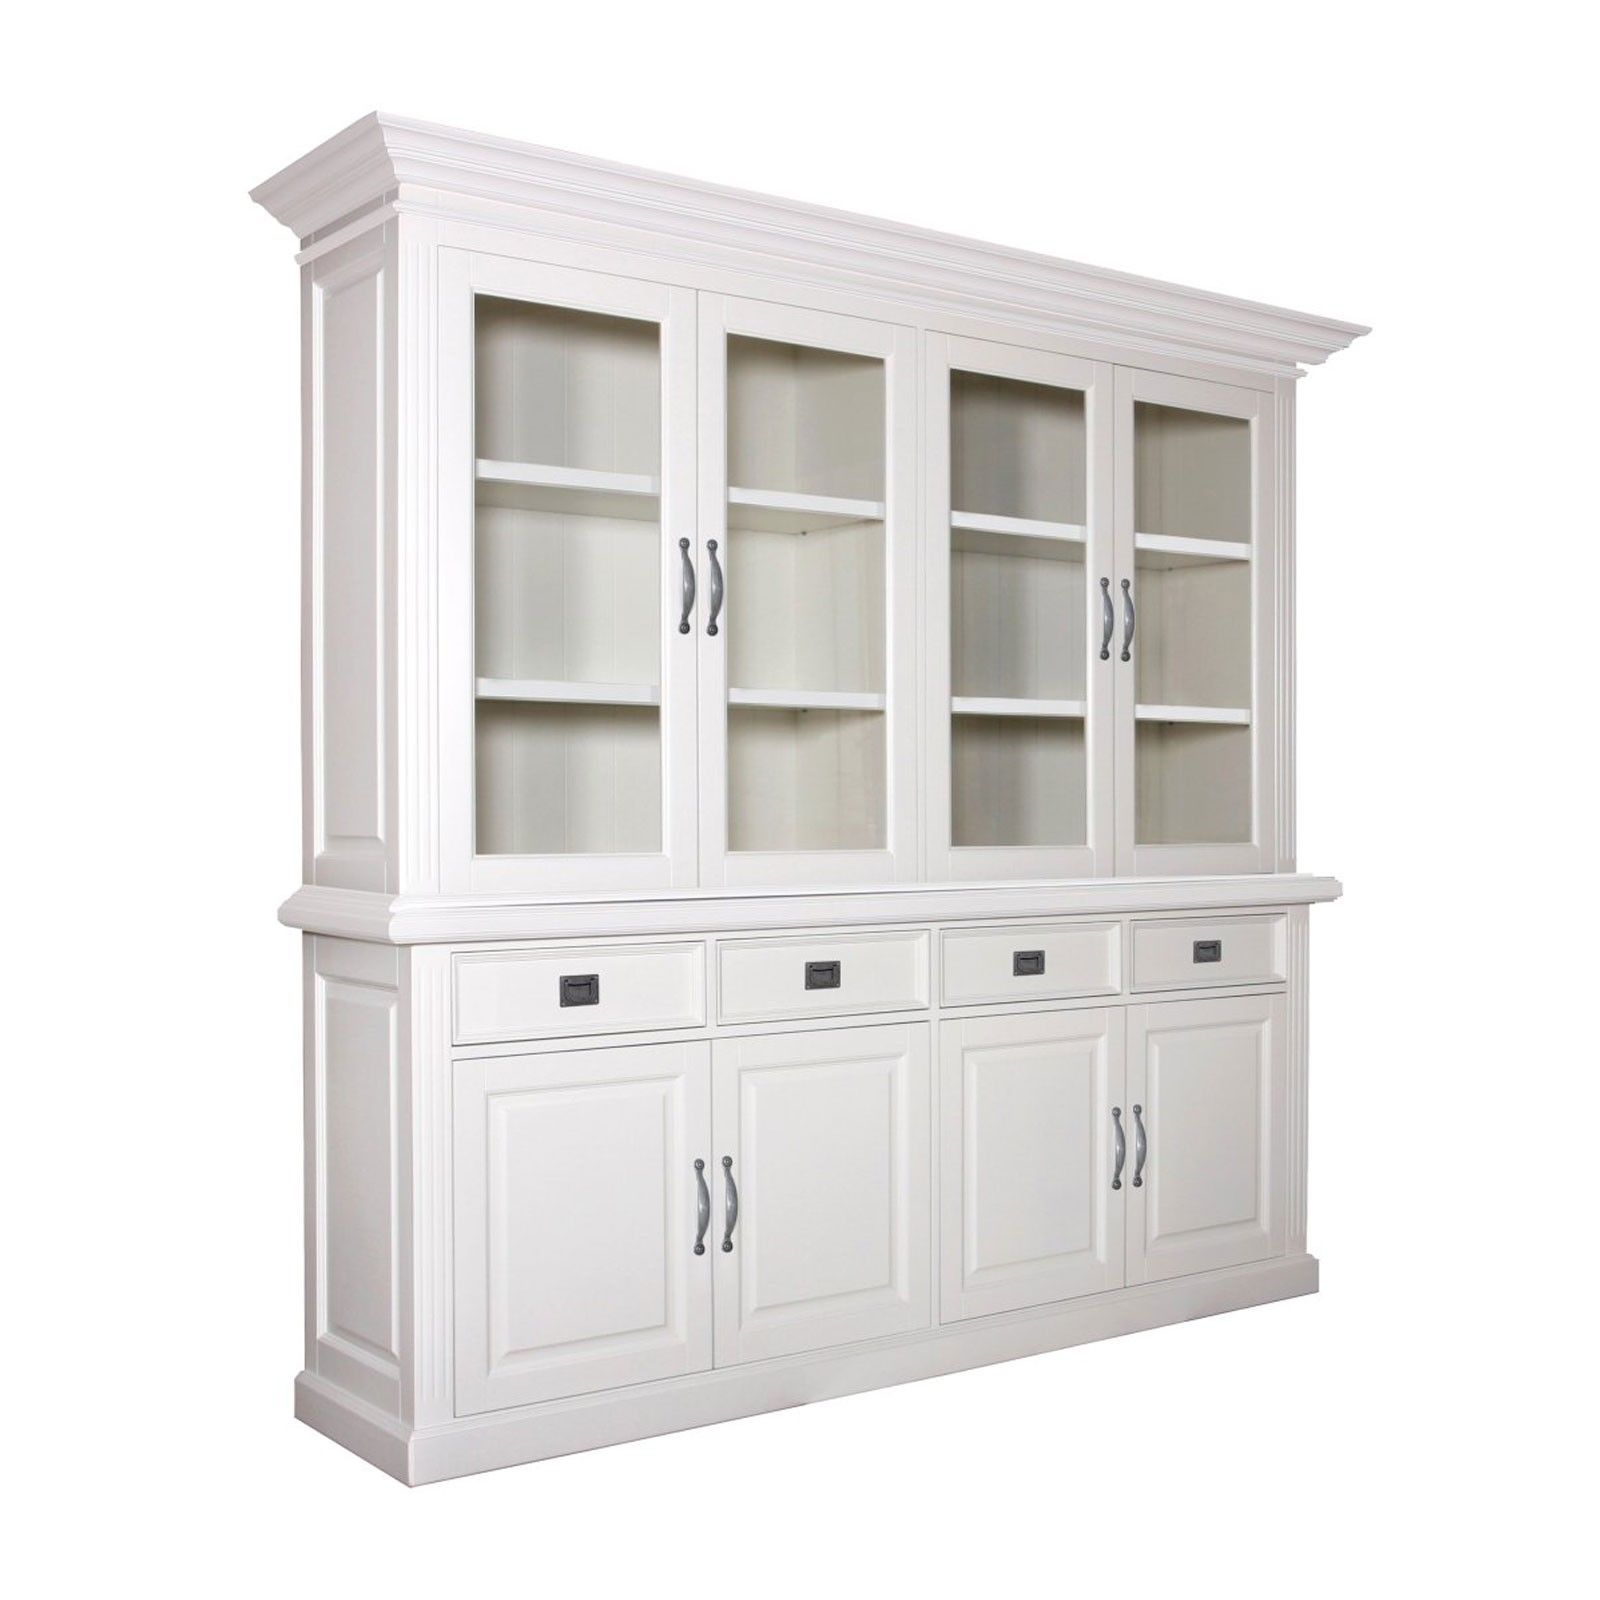 Buffet deux corps 2x4 portes 4 tiroirs romantique Chic - meuble design